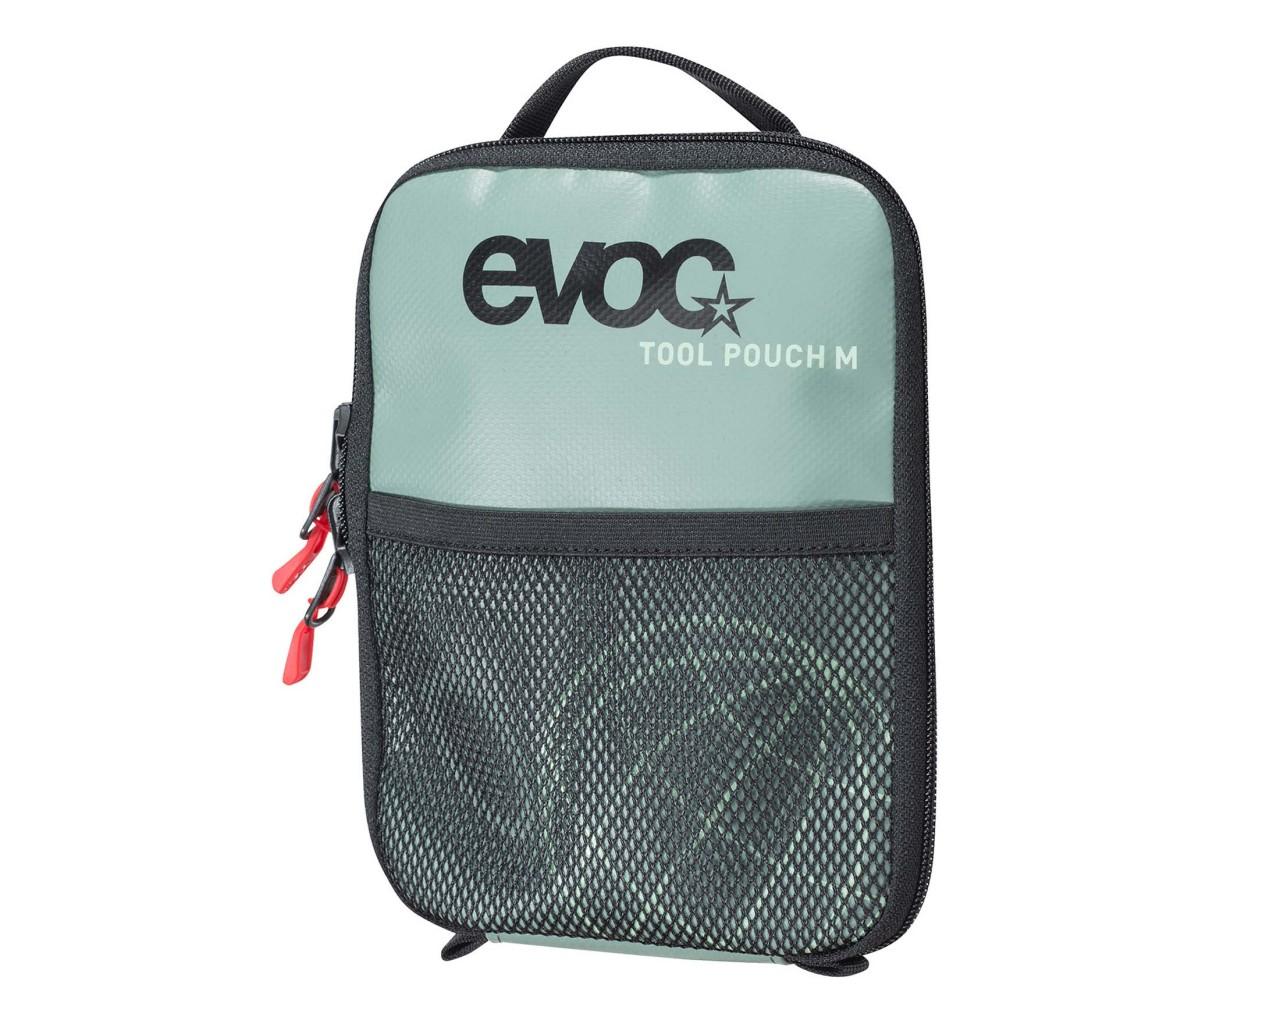 Evoc Tool Pouch Werkzeugtasche 0.6 Liter   olive